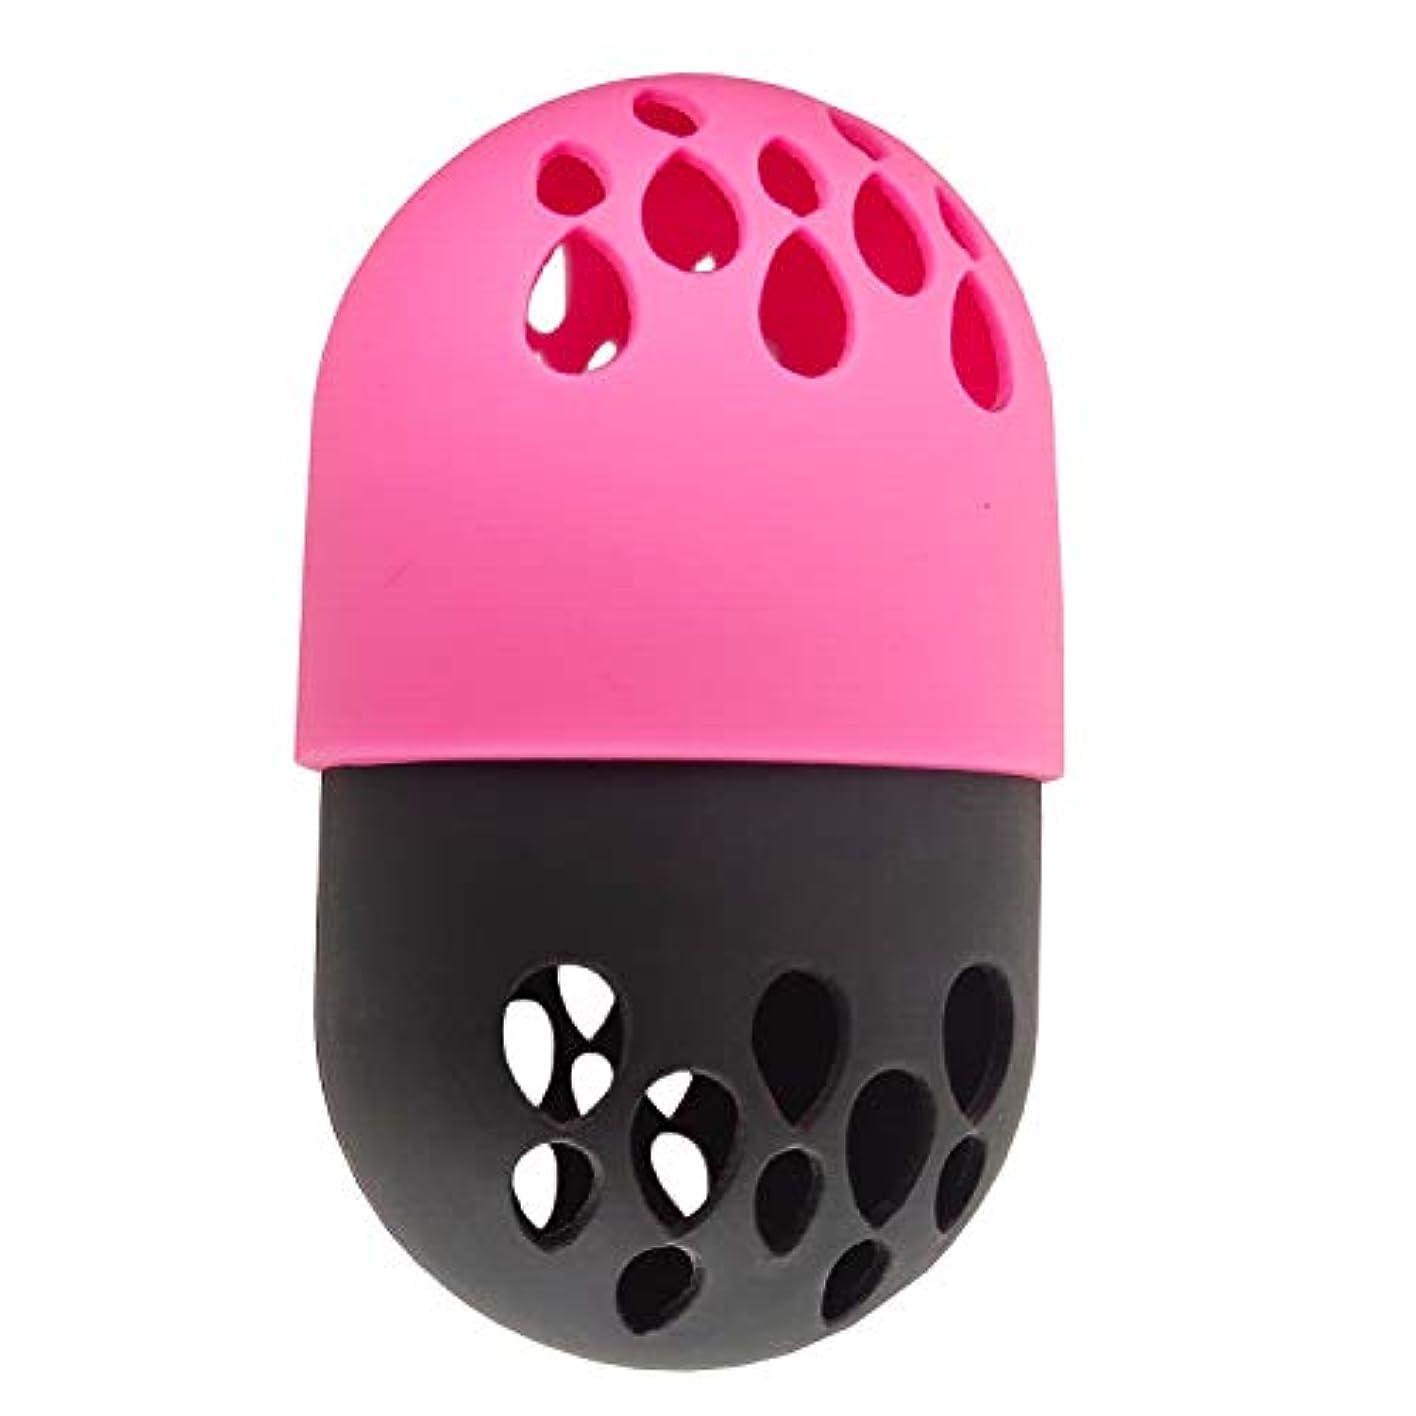 散歩に行く十分ですマージ美容スポンジ収納ケース、通気性を柔らか美容スポンジ シリコン旅行 キャリングケース、小型軽量 あらゆる化粧スポンジ適用 (ピンク)